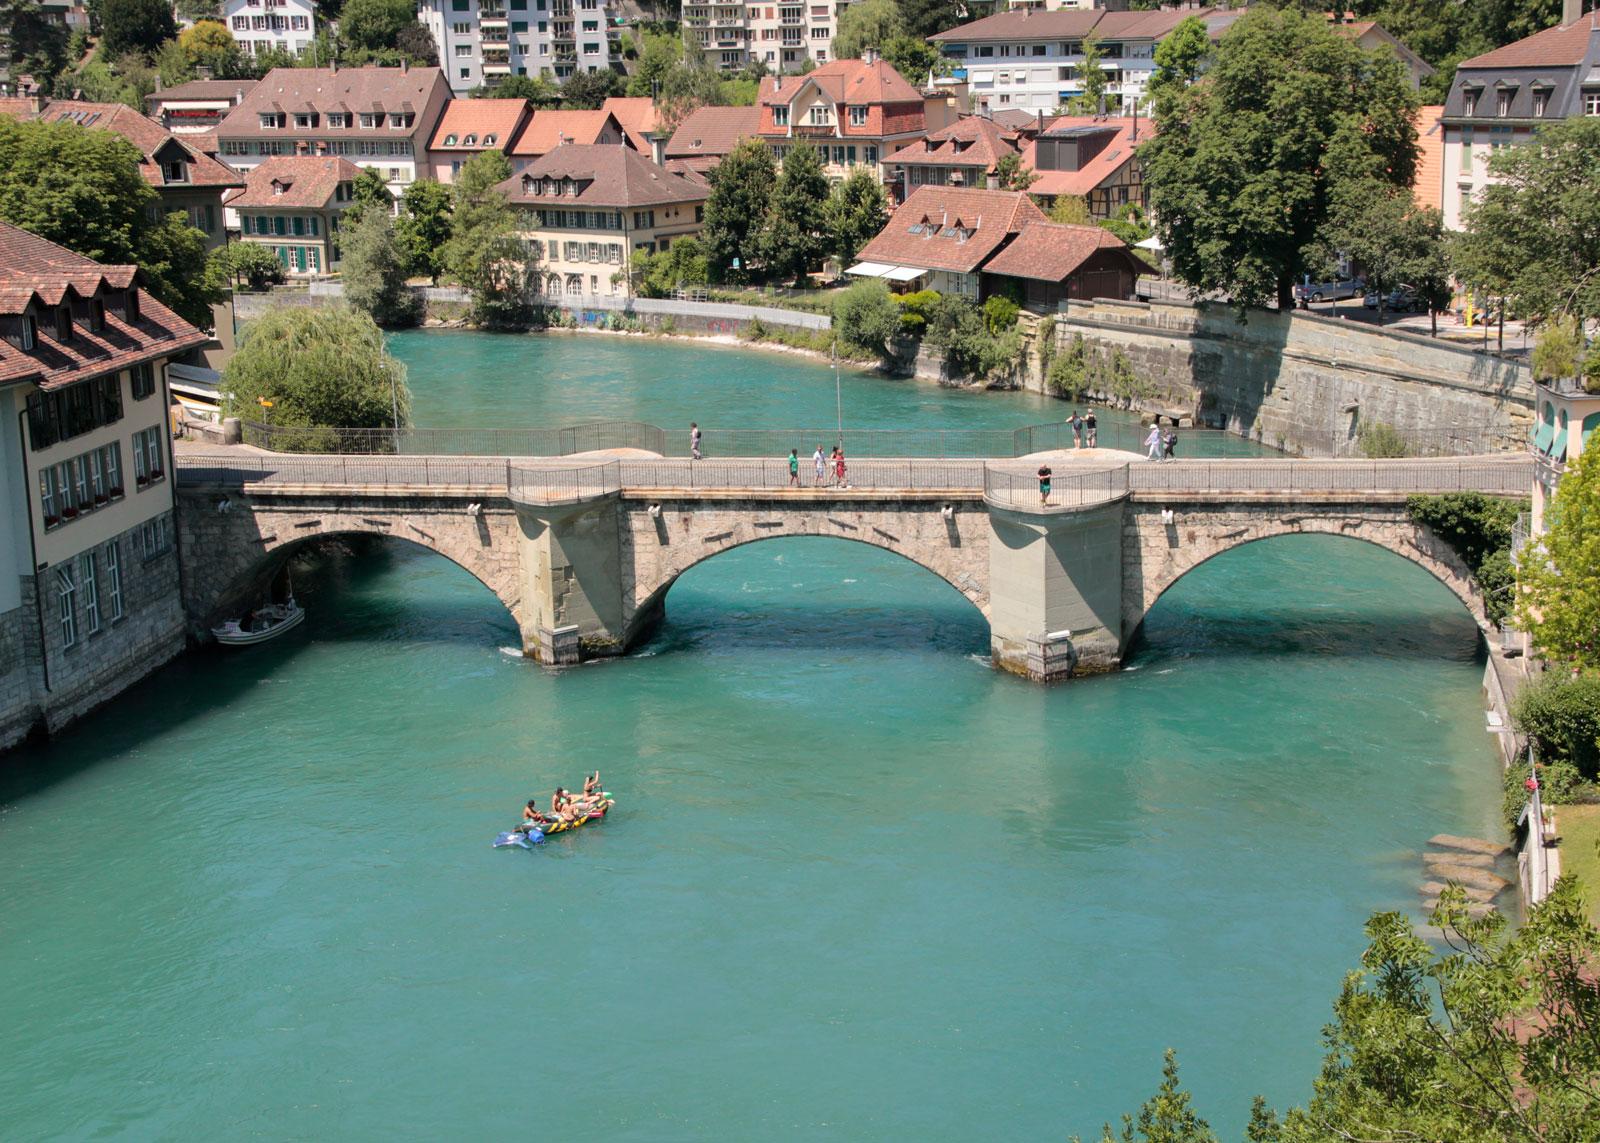 Nach dem Schwellenmätteli geht es auf einem kurzen Abschnitt durch die Berner Altstadt. Die im Bild gezeigte Untertorbrücke wurde im Spätmittelalter errichtet und gehört zu den ältesten Steinbrücken der Schweiz